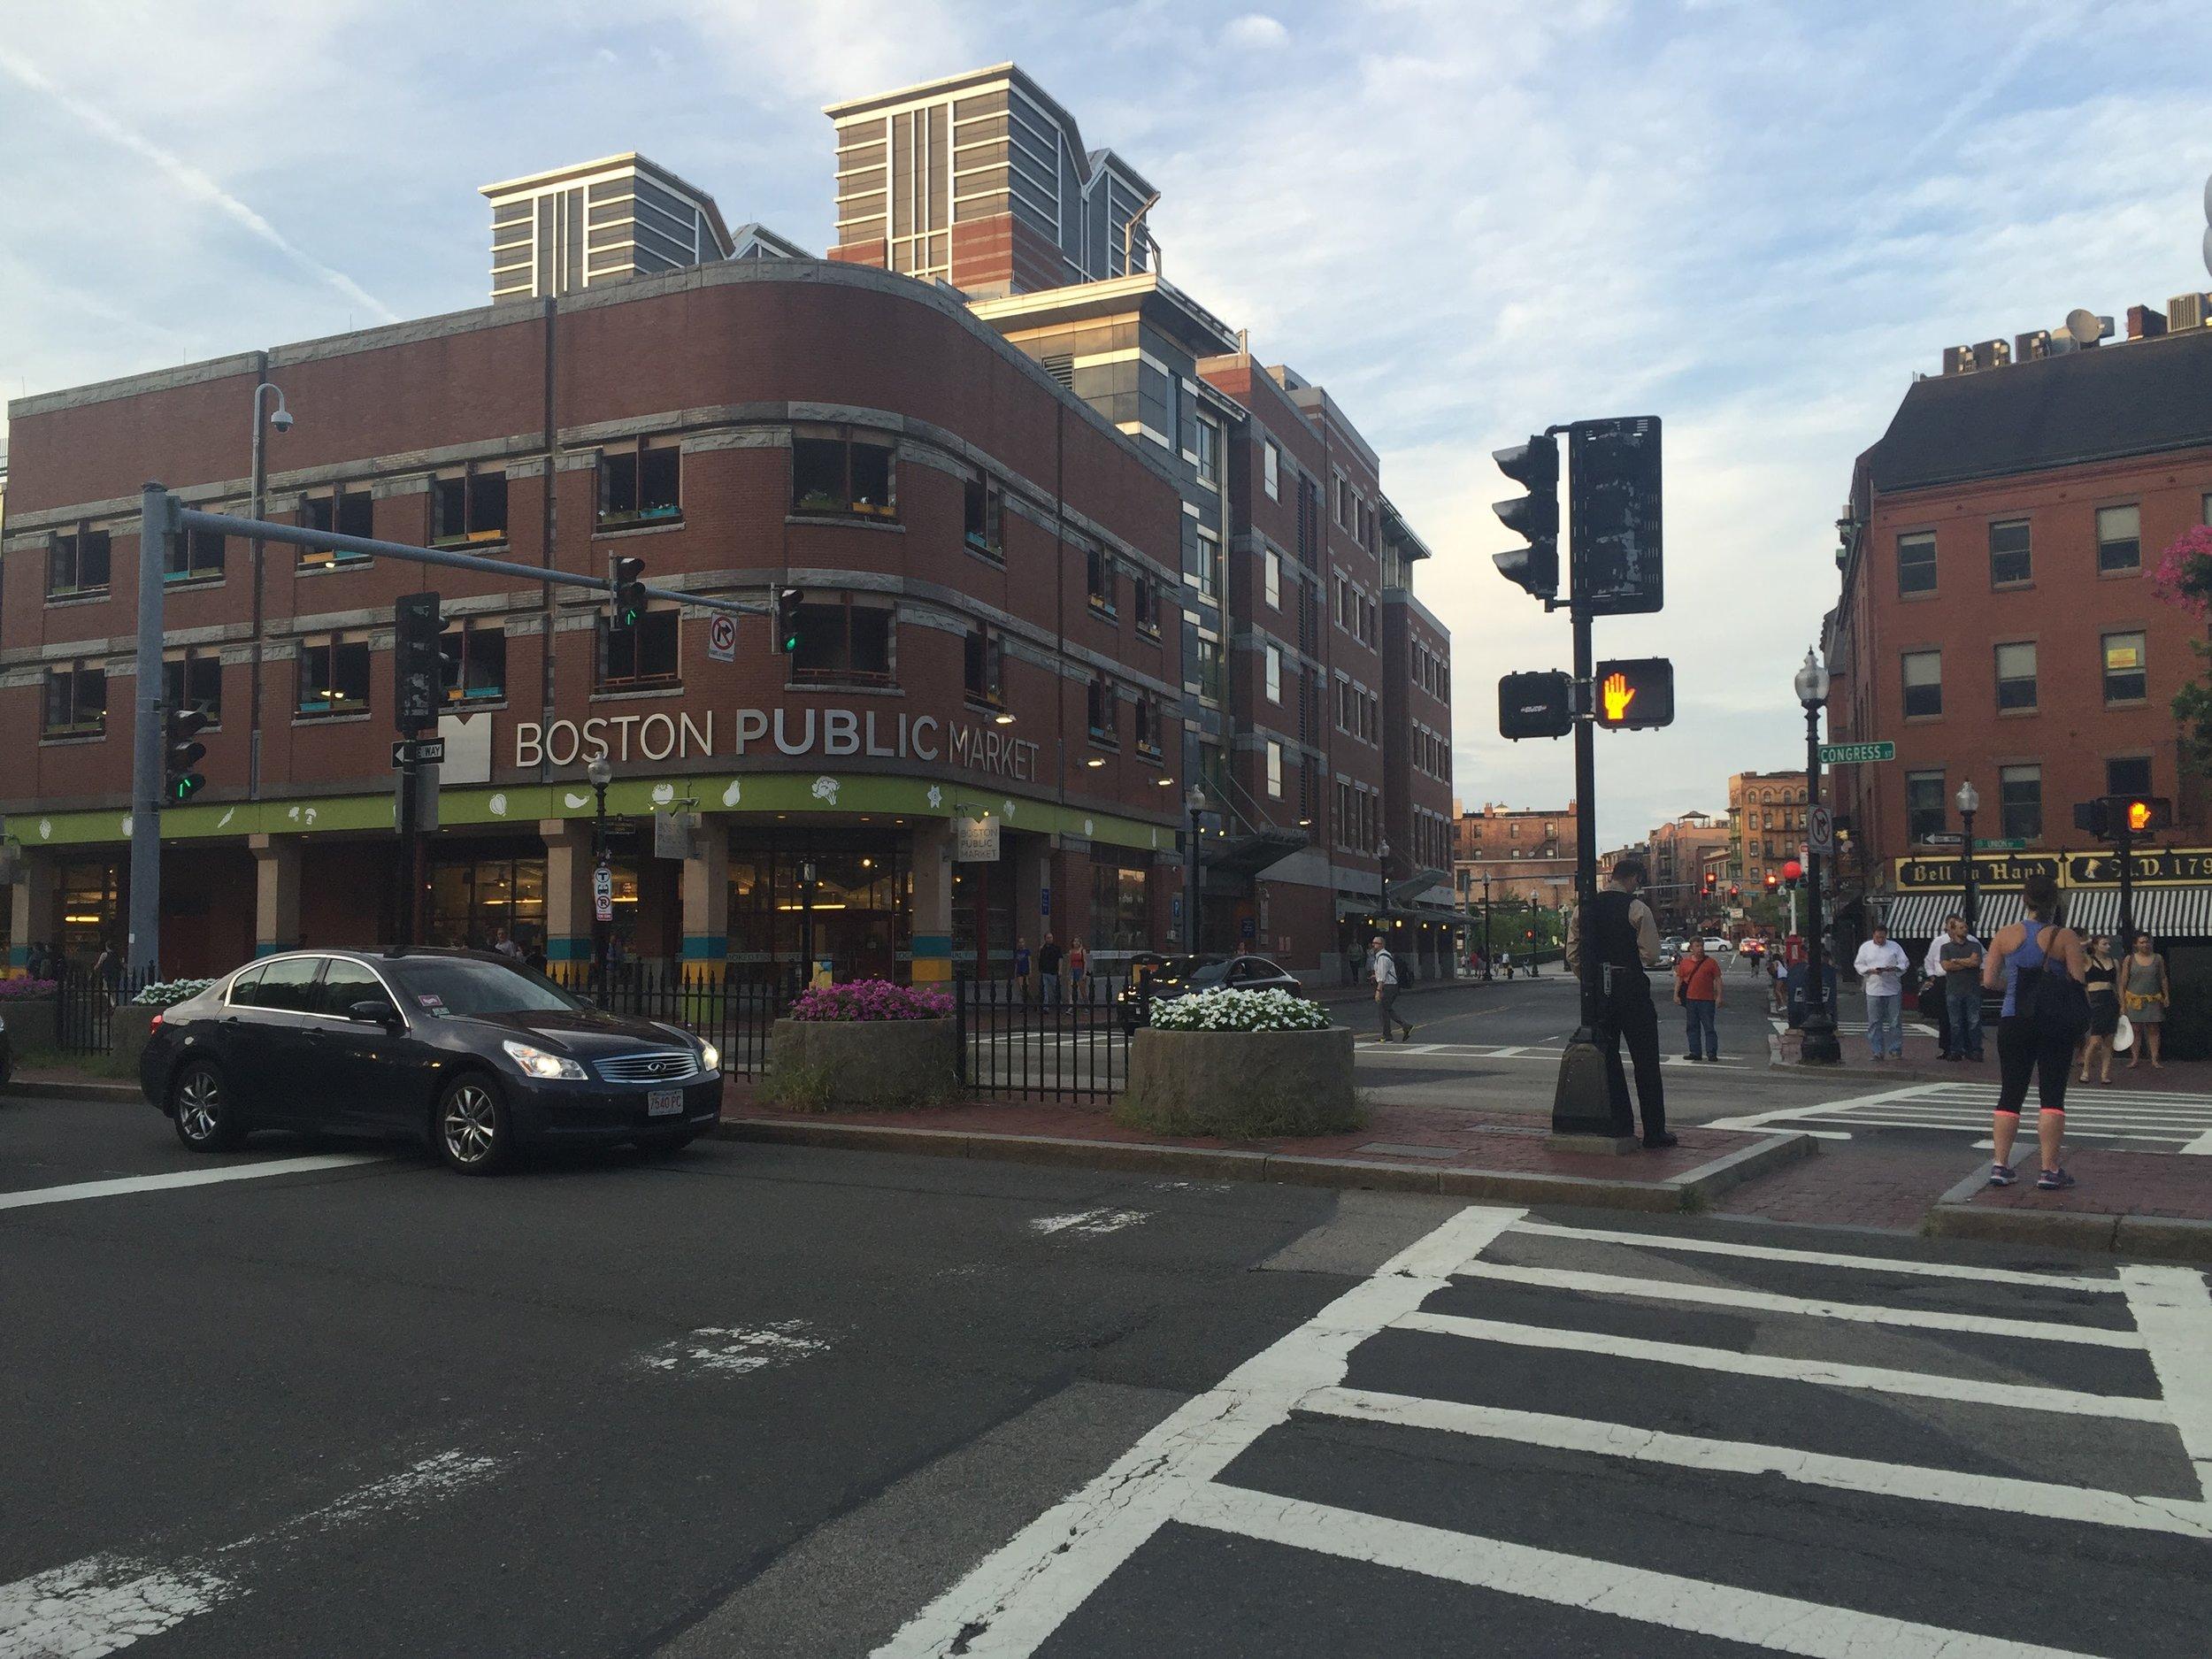 Boston Public Market - North End